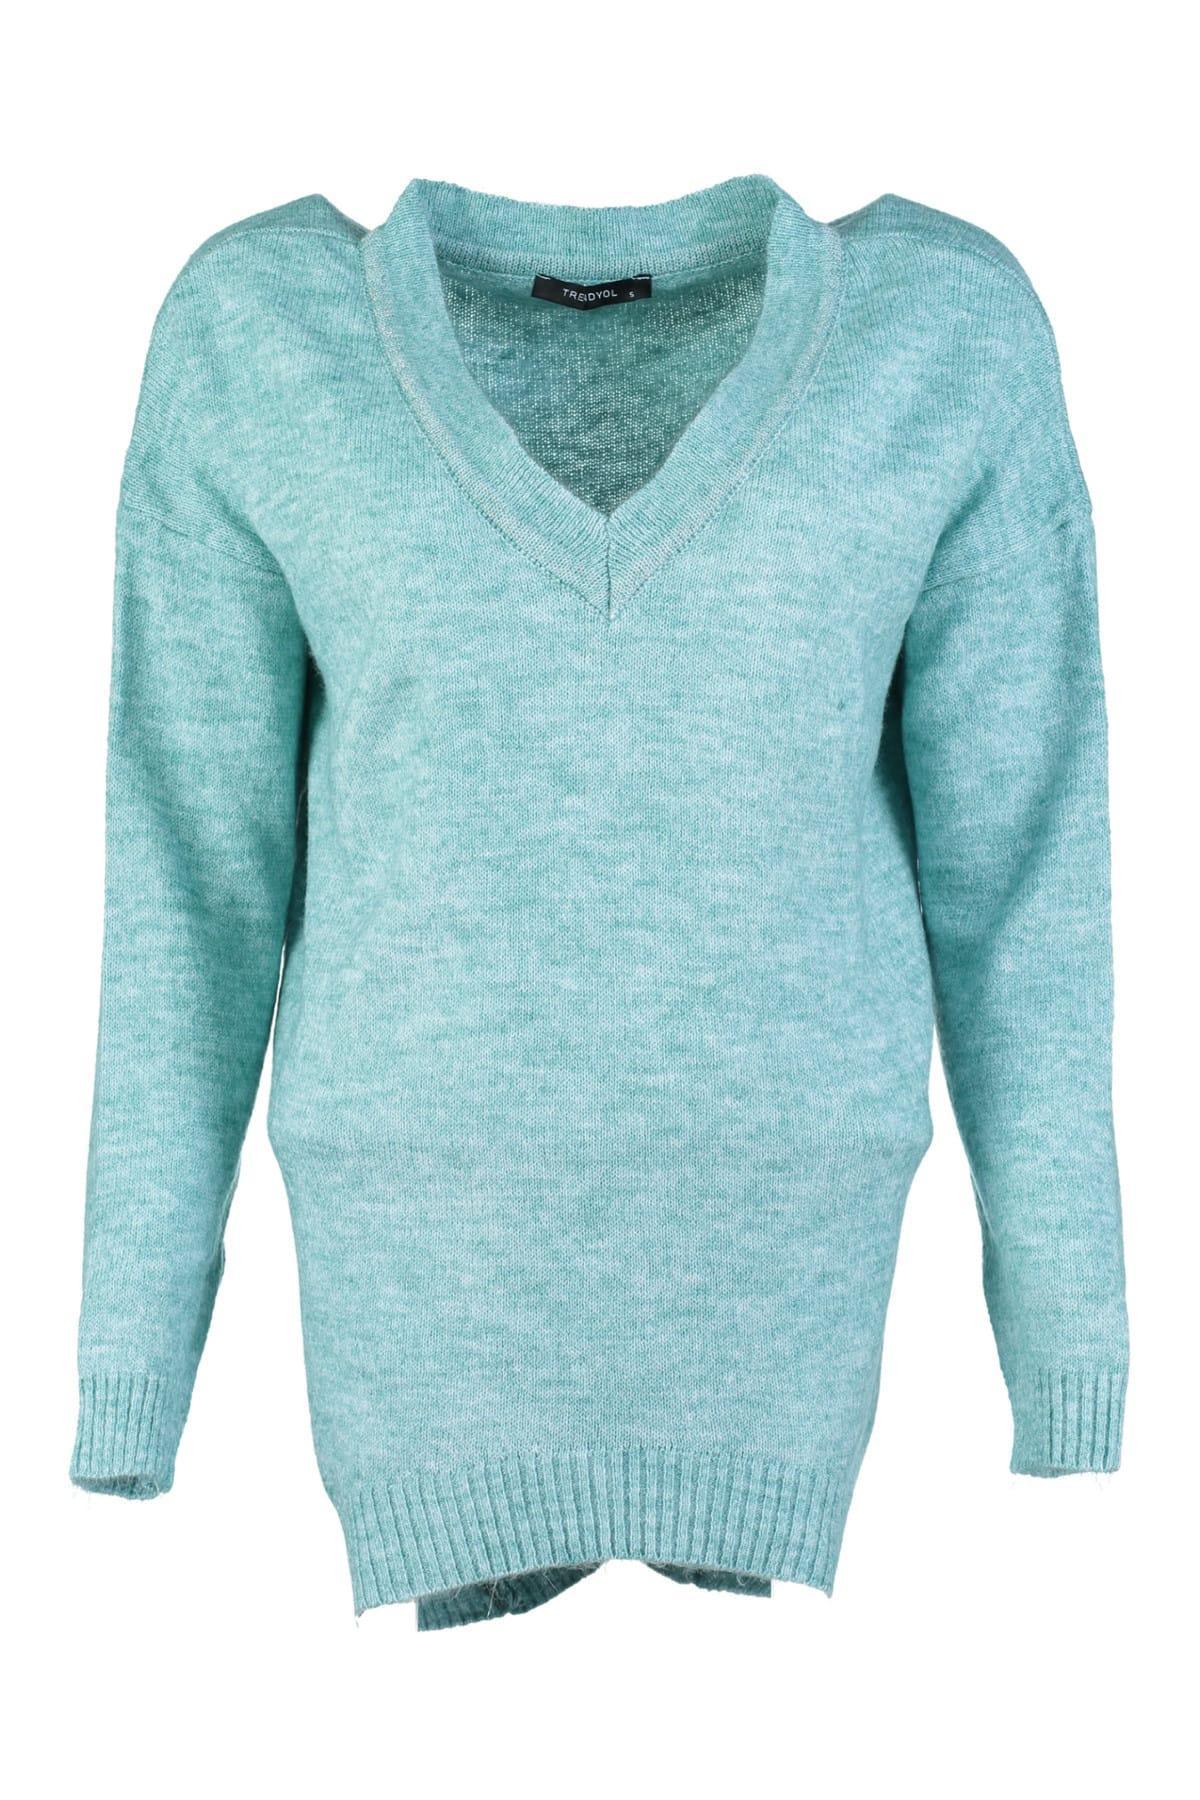 Trendyol WOMEN-Mint Silvery V-Neck Knitwear Sweater TWOAW20ZA0013